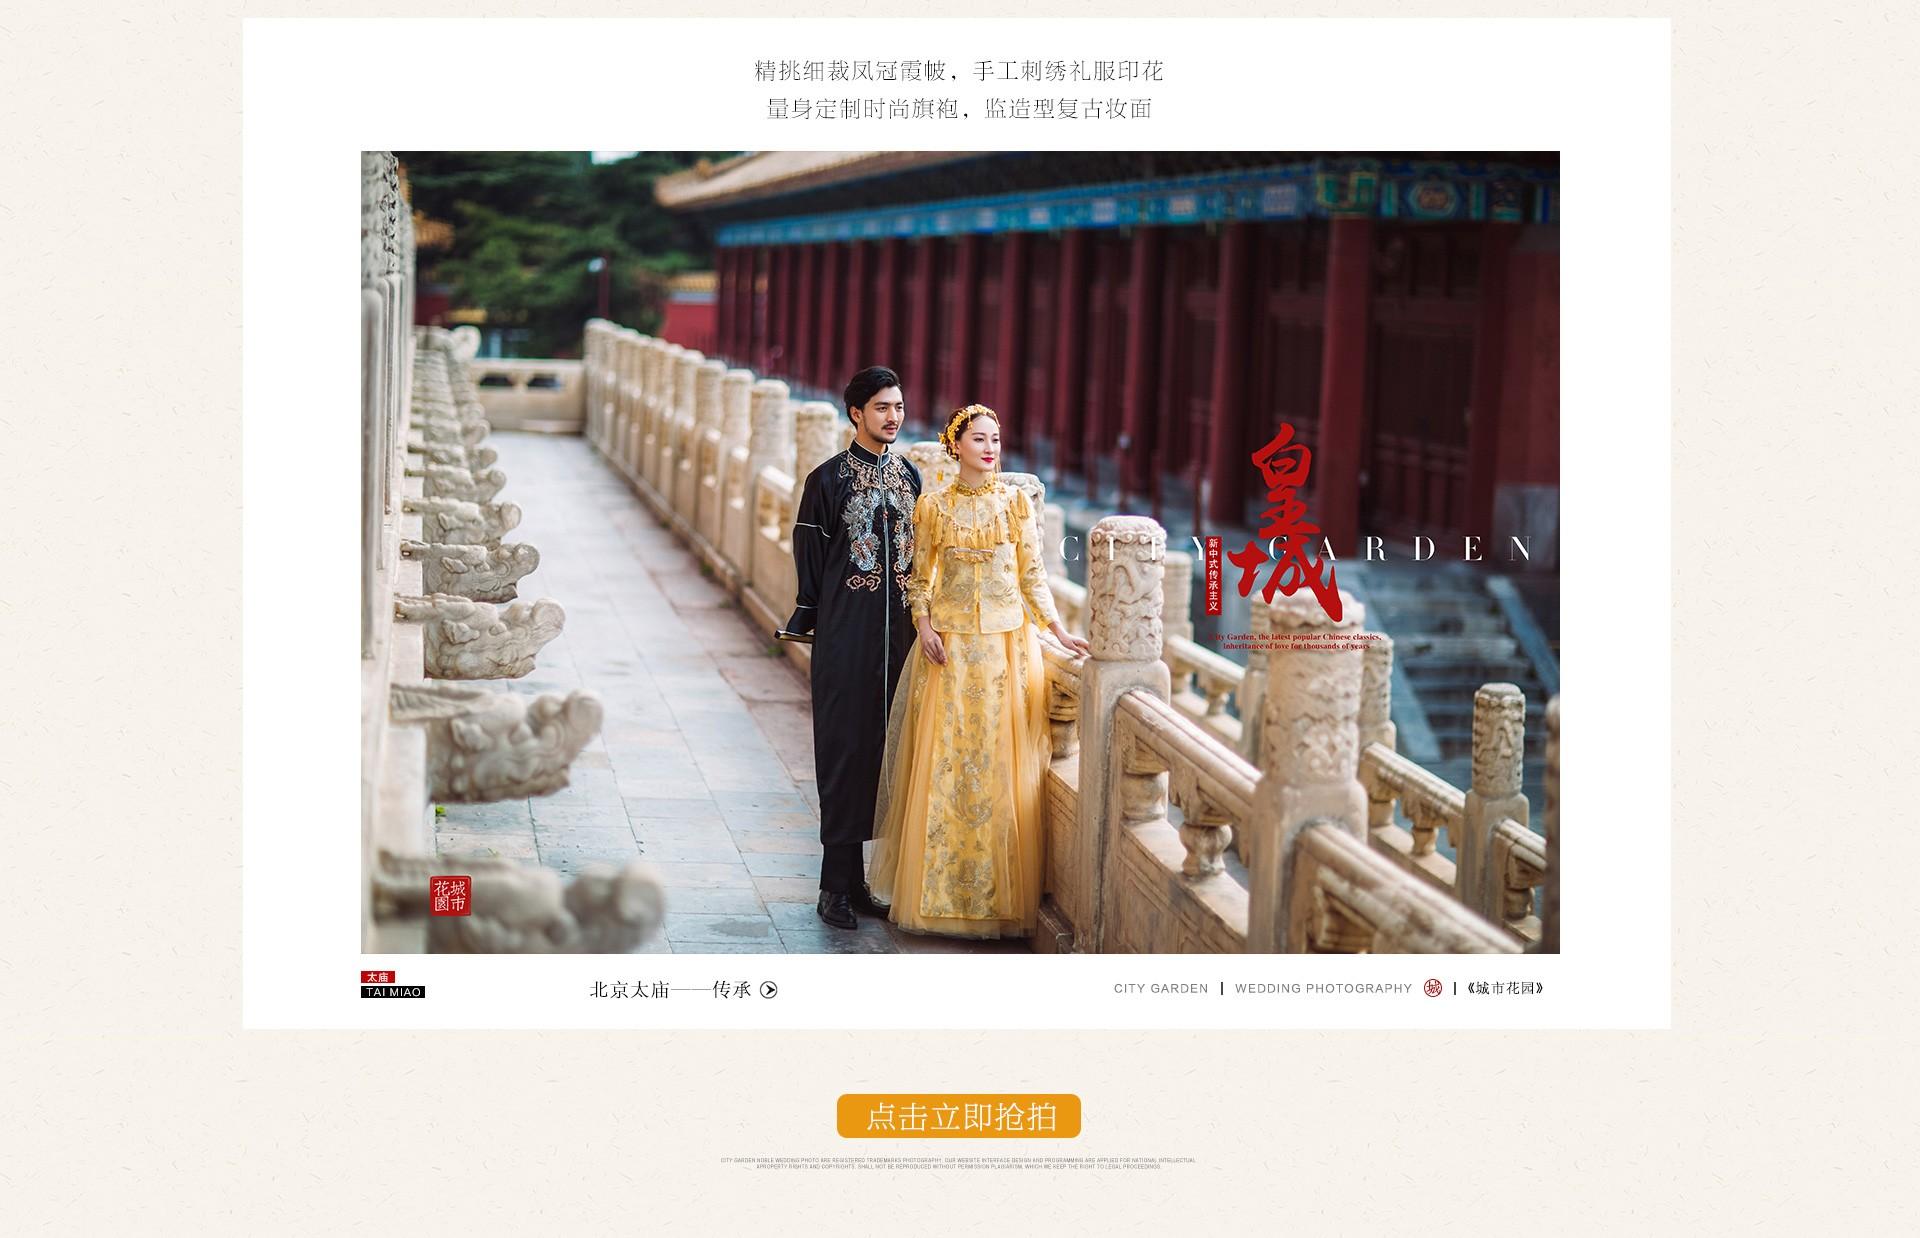 太庙金色-(2)_06.jpg